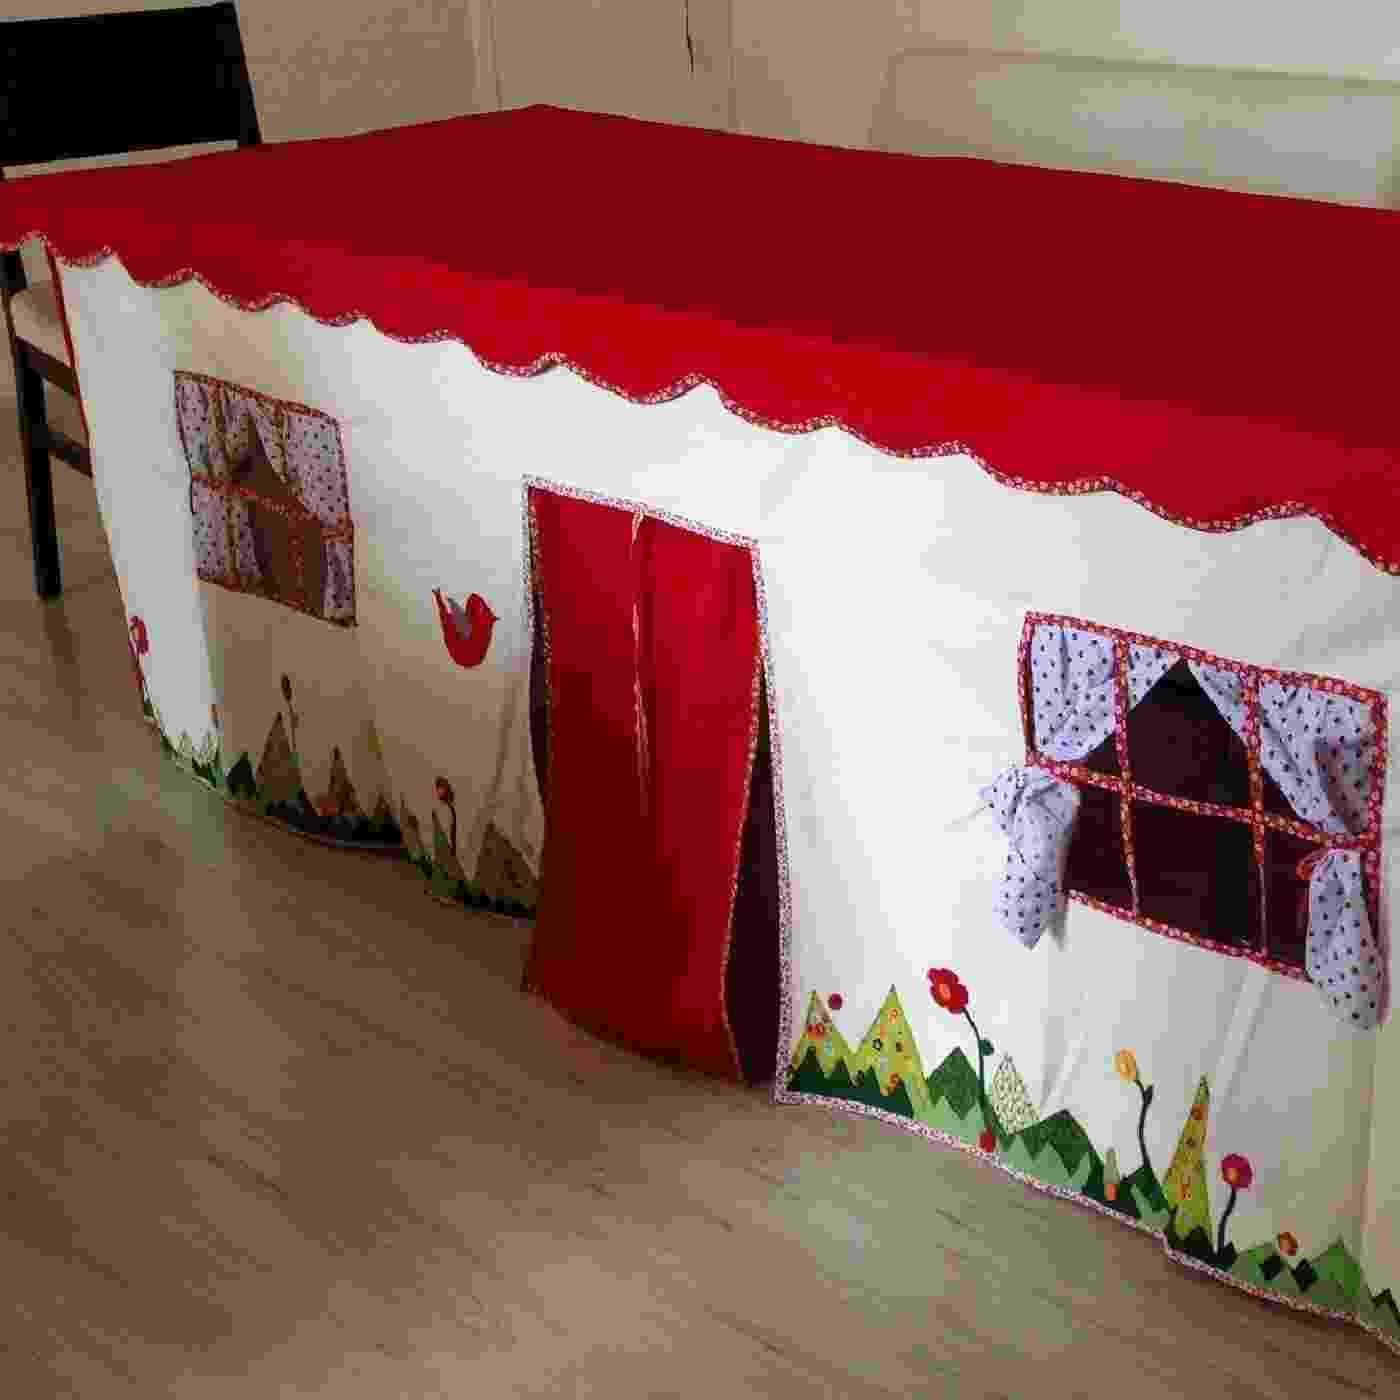 Toalha de mesa-cabaninha, da Bitôô Ateliê. A peça, criada artesenalmente, é feita com tecido resistente e sob medida para se adequar a mesa desejada. Além disso, todos os detalhes ?porta, janelas, cortinas e etc.?são personalizáveis. Os preços variam de acordo com o tamanho da mesa e vão de R$ 260 a R$ 430. O produto pode ser encontrado na feira Baby Bum Pocket (http://babybumpocket.com.br/sao-paulo), que acontece de 30 de novembro a 3 de dezembro de 2015, em São Paulo - Divulgação